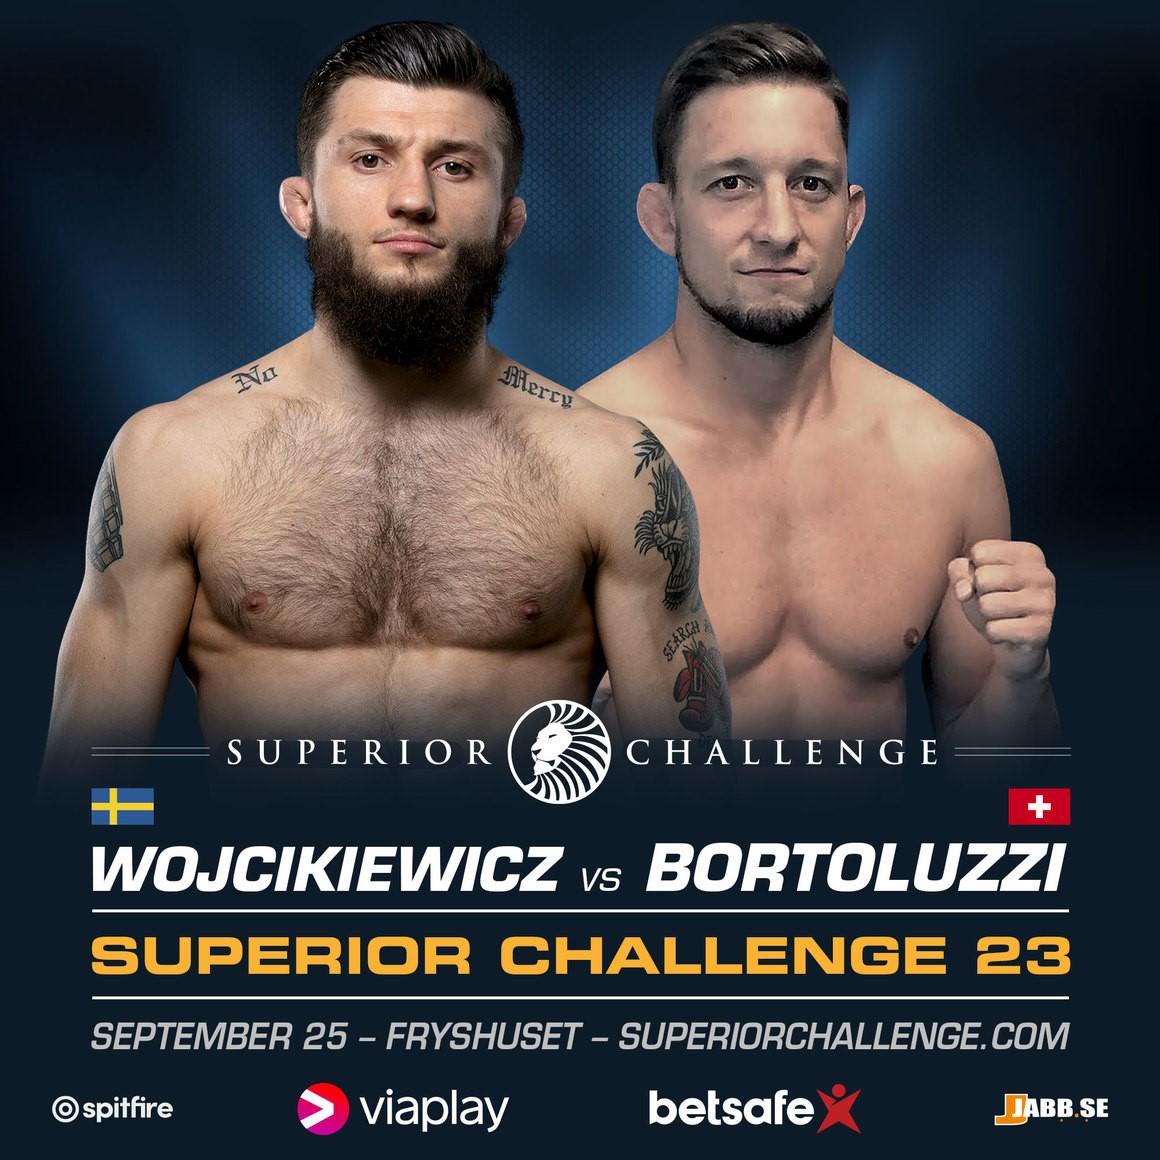 Bartosz Wojcikiewicz möter schweizaren, Kenjii Bartoluzzi på Superior Challenge